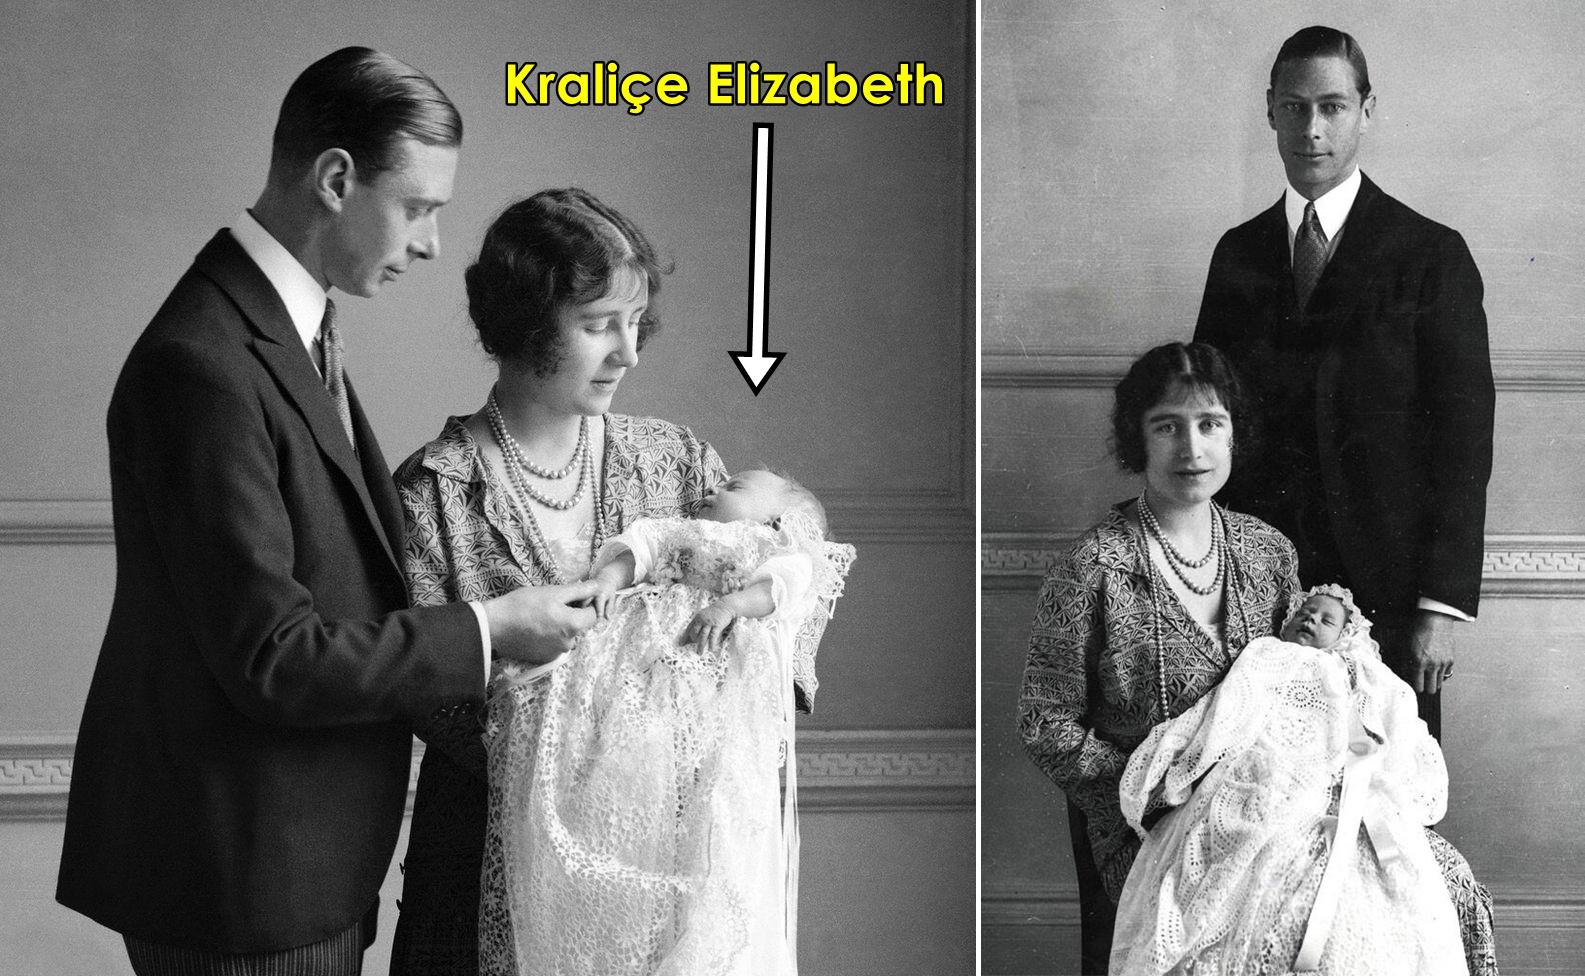 Kraliçe Elizabeth'in bebekliği